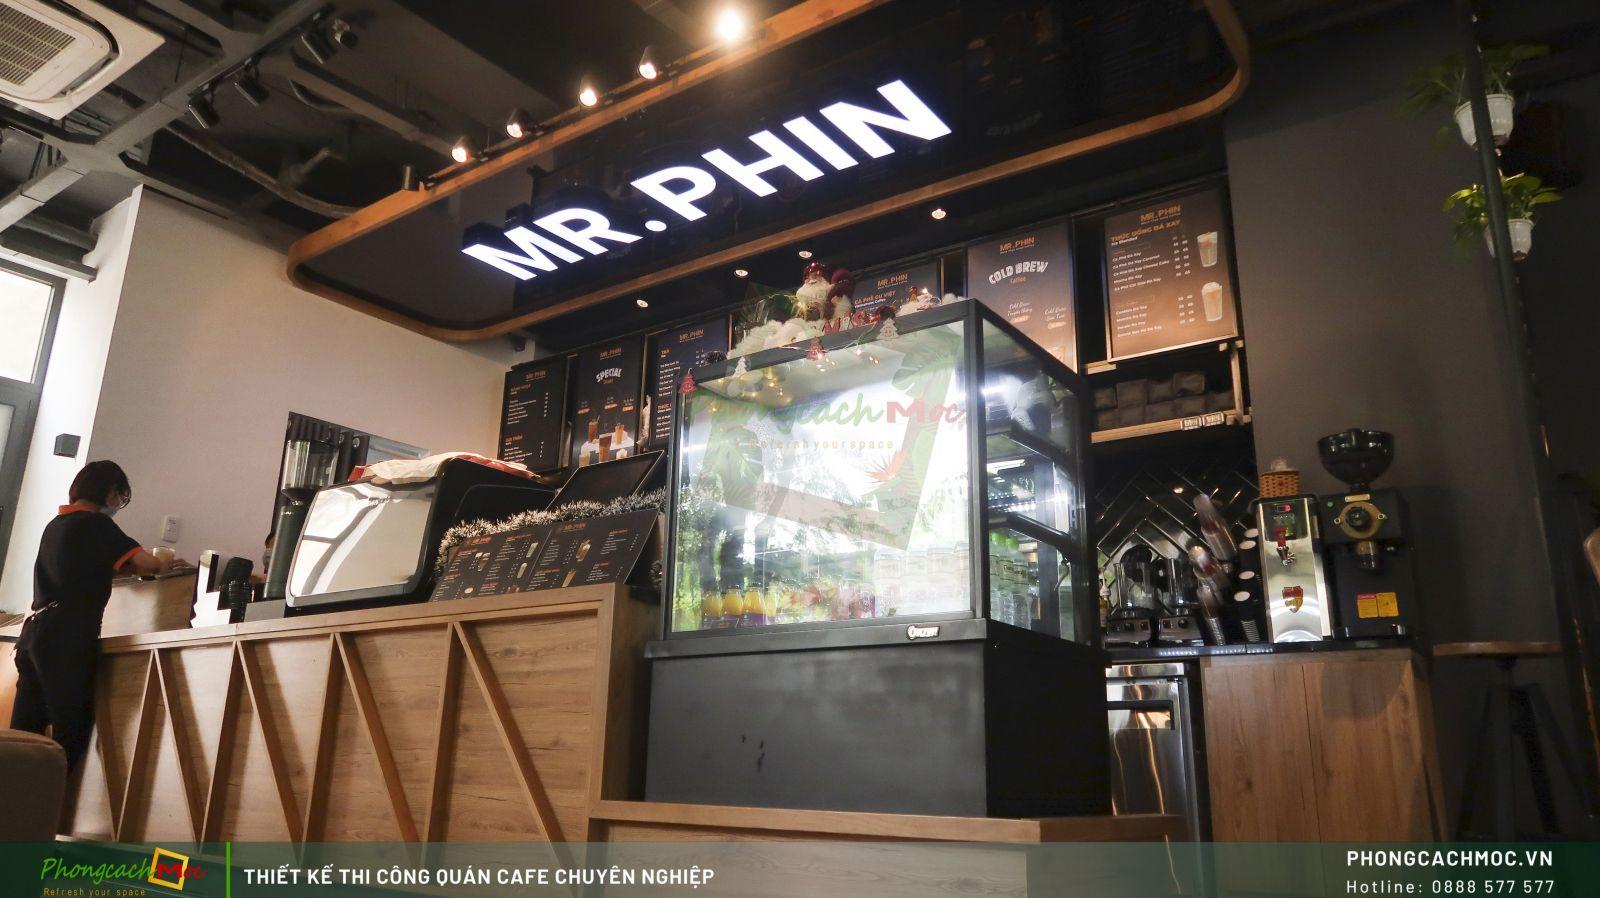 Quán cafe Mr. Phin